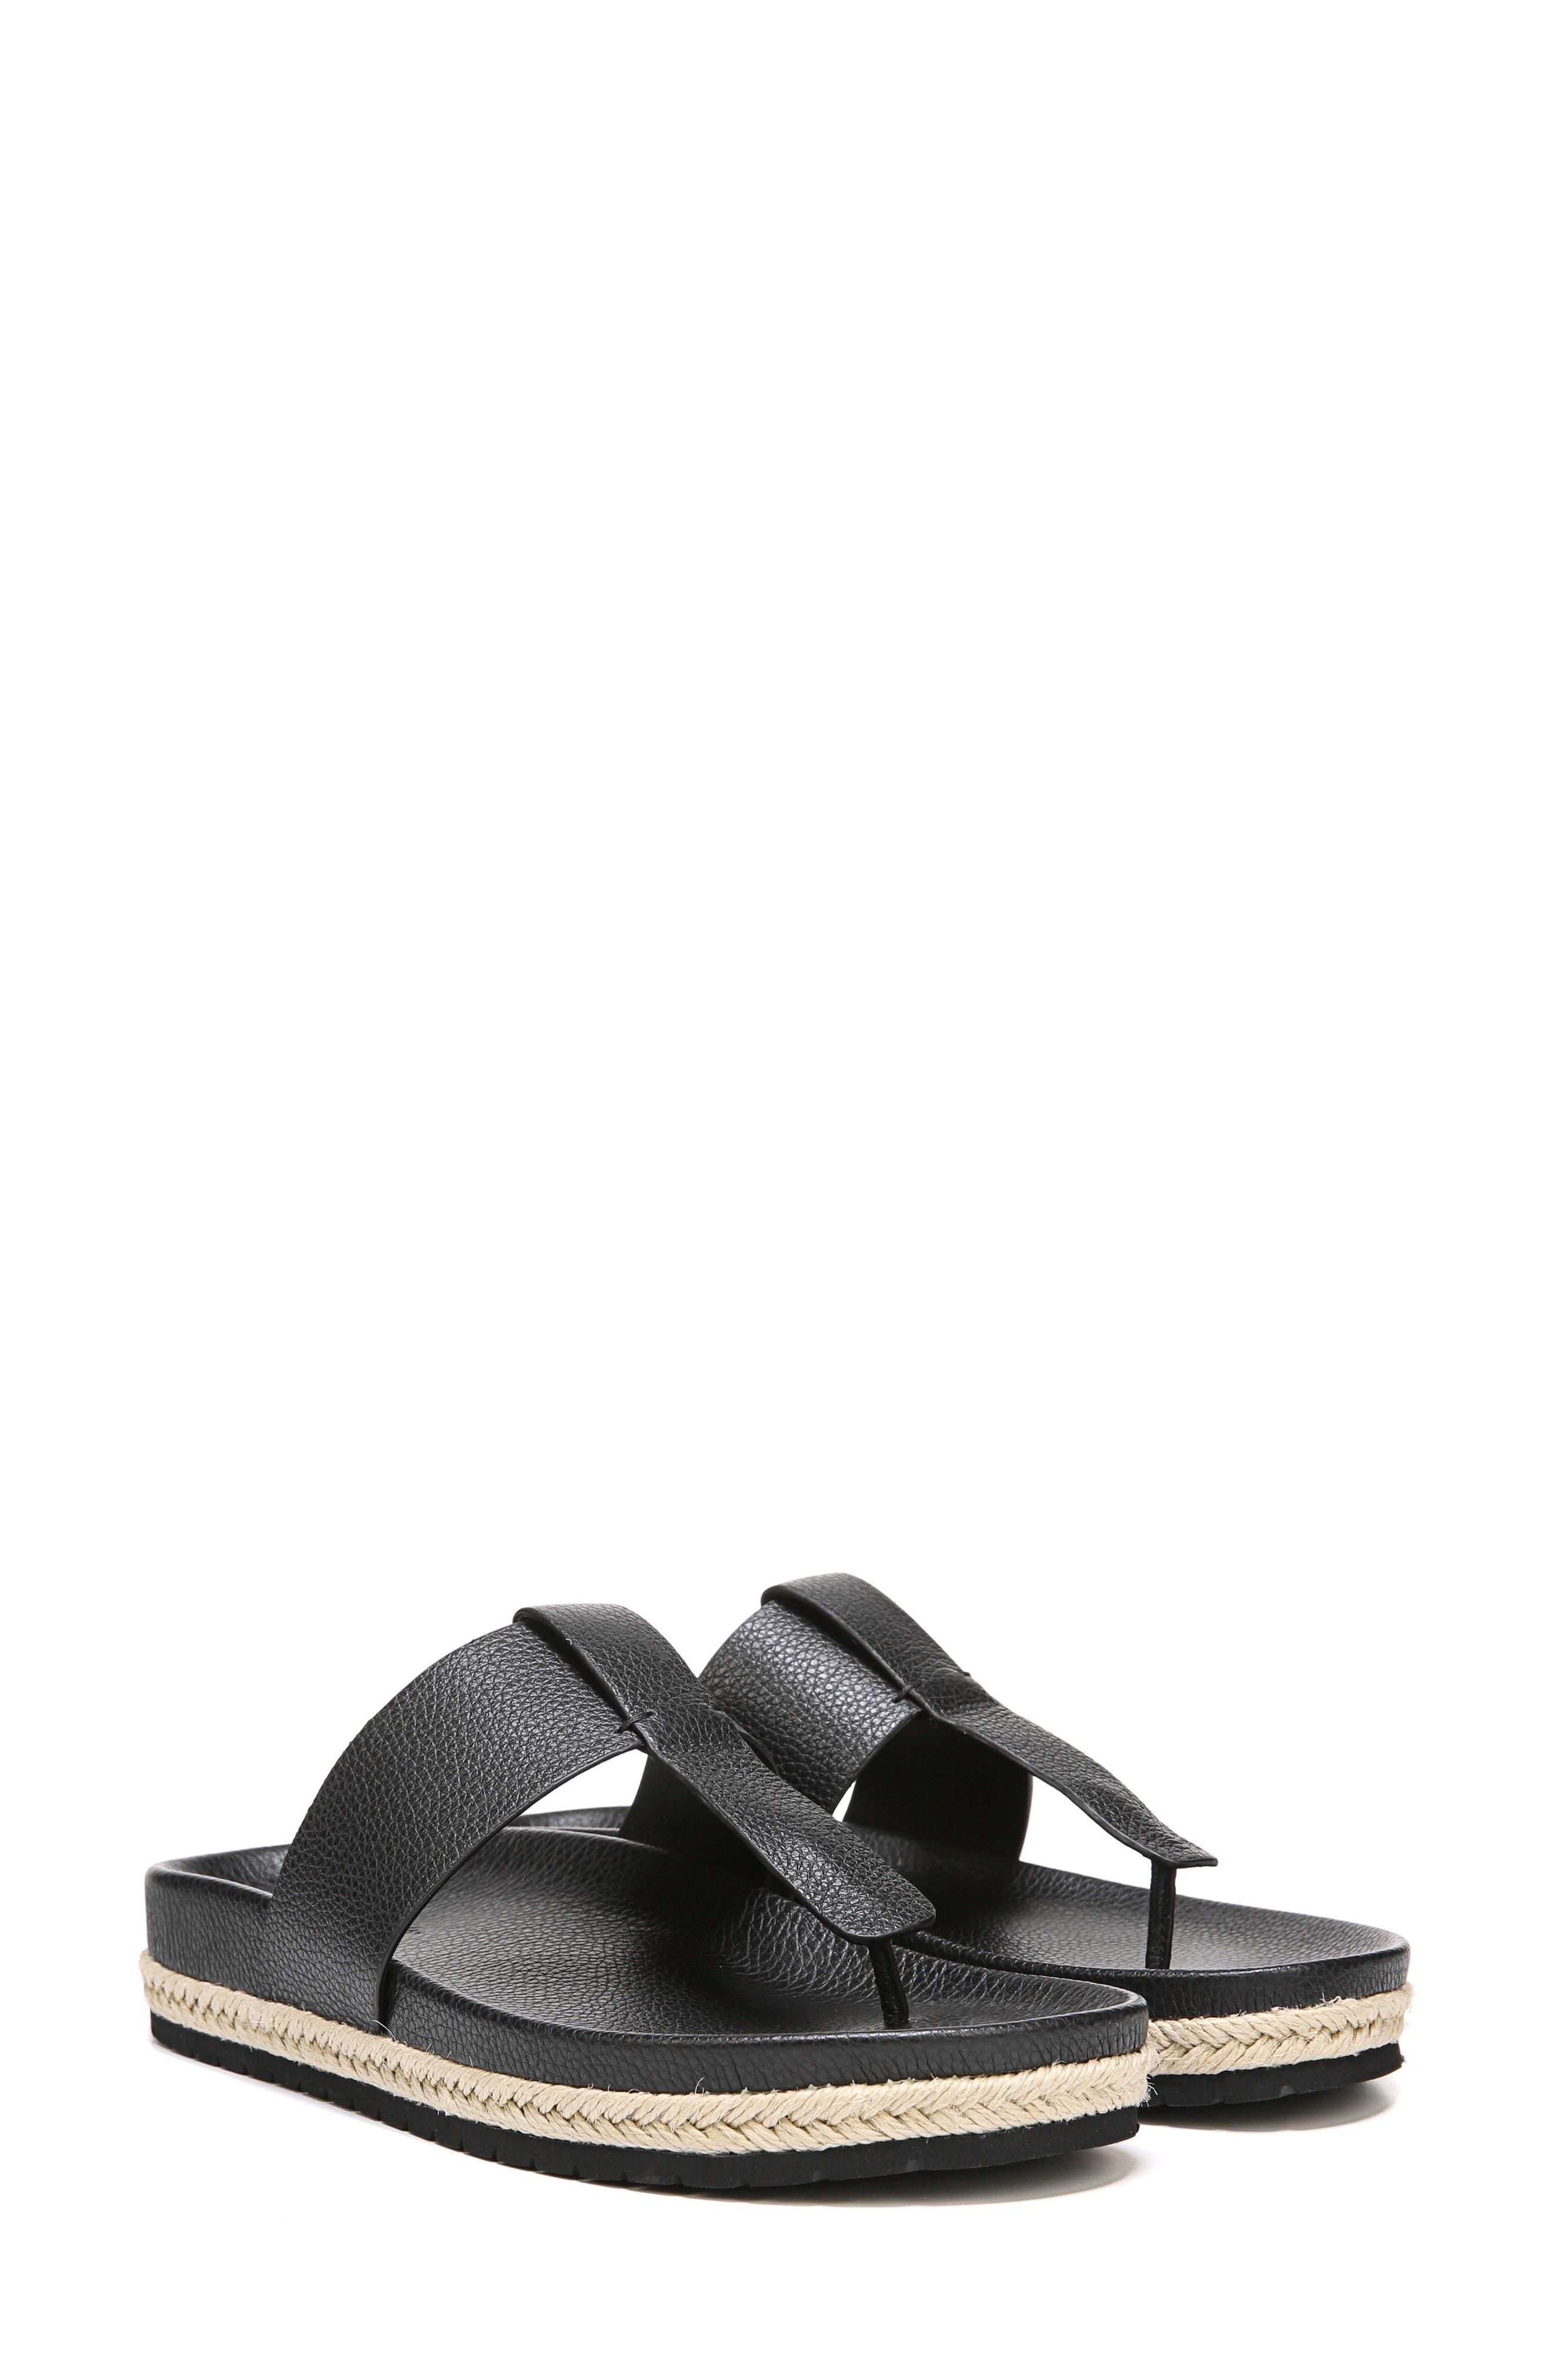 Avani T-Strap Flat Sandal,                             Alternate thumbnail 8, color,                             001